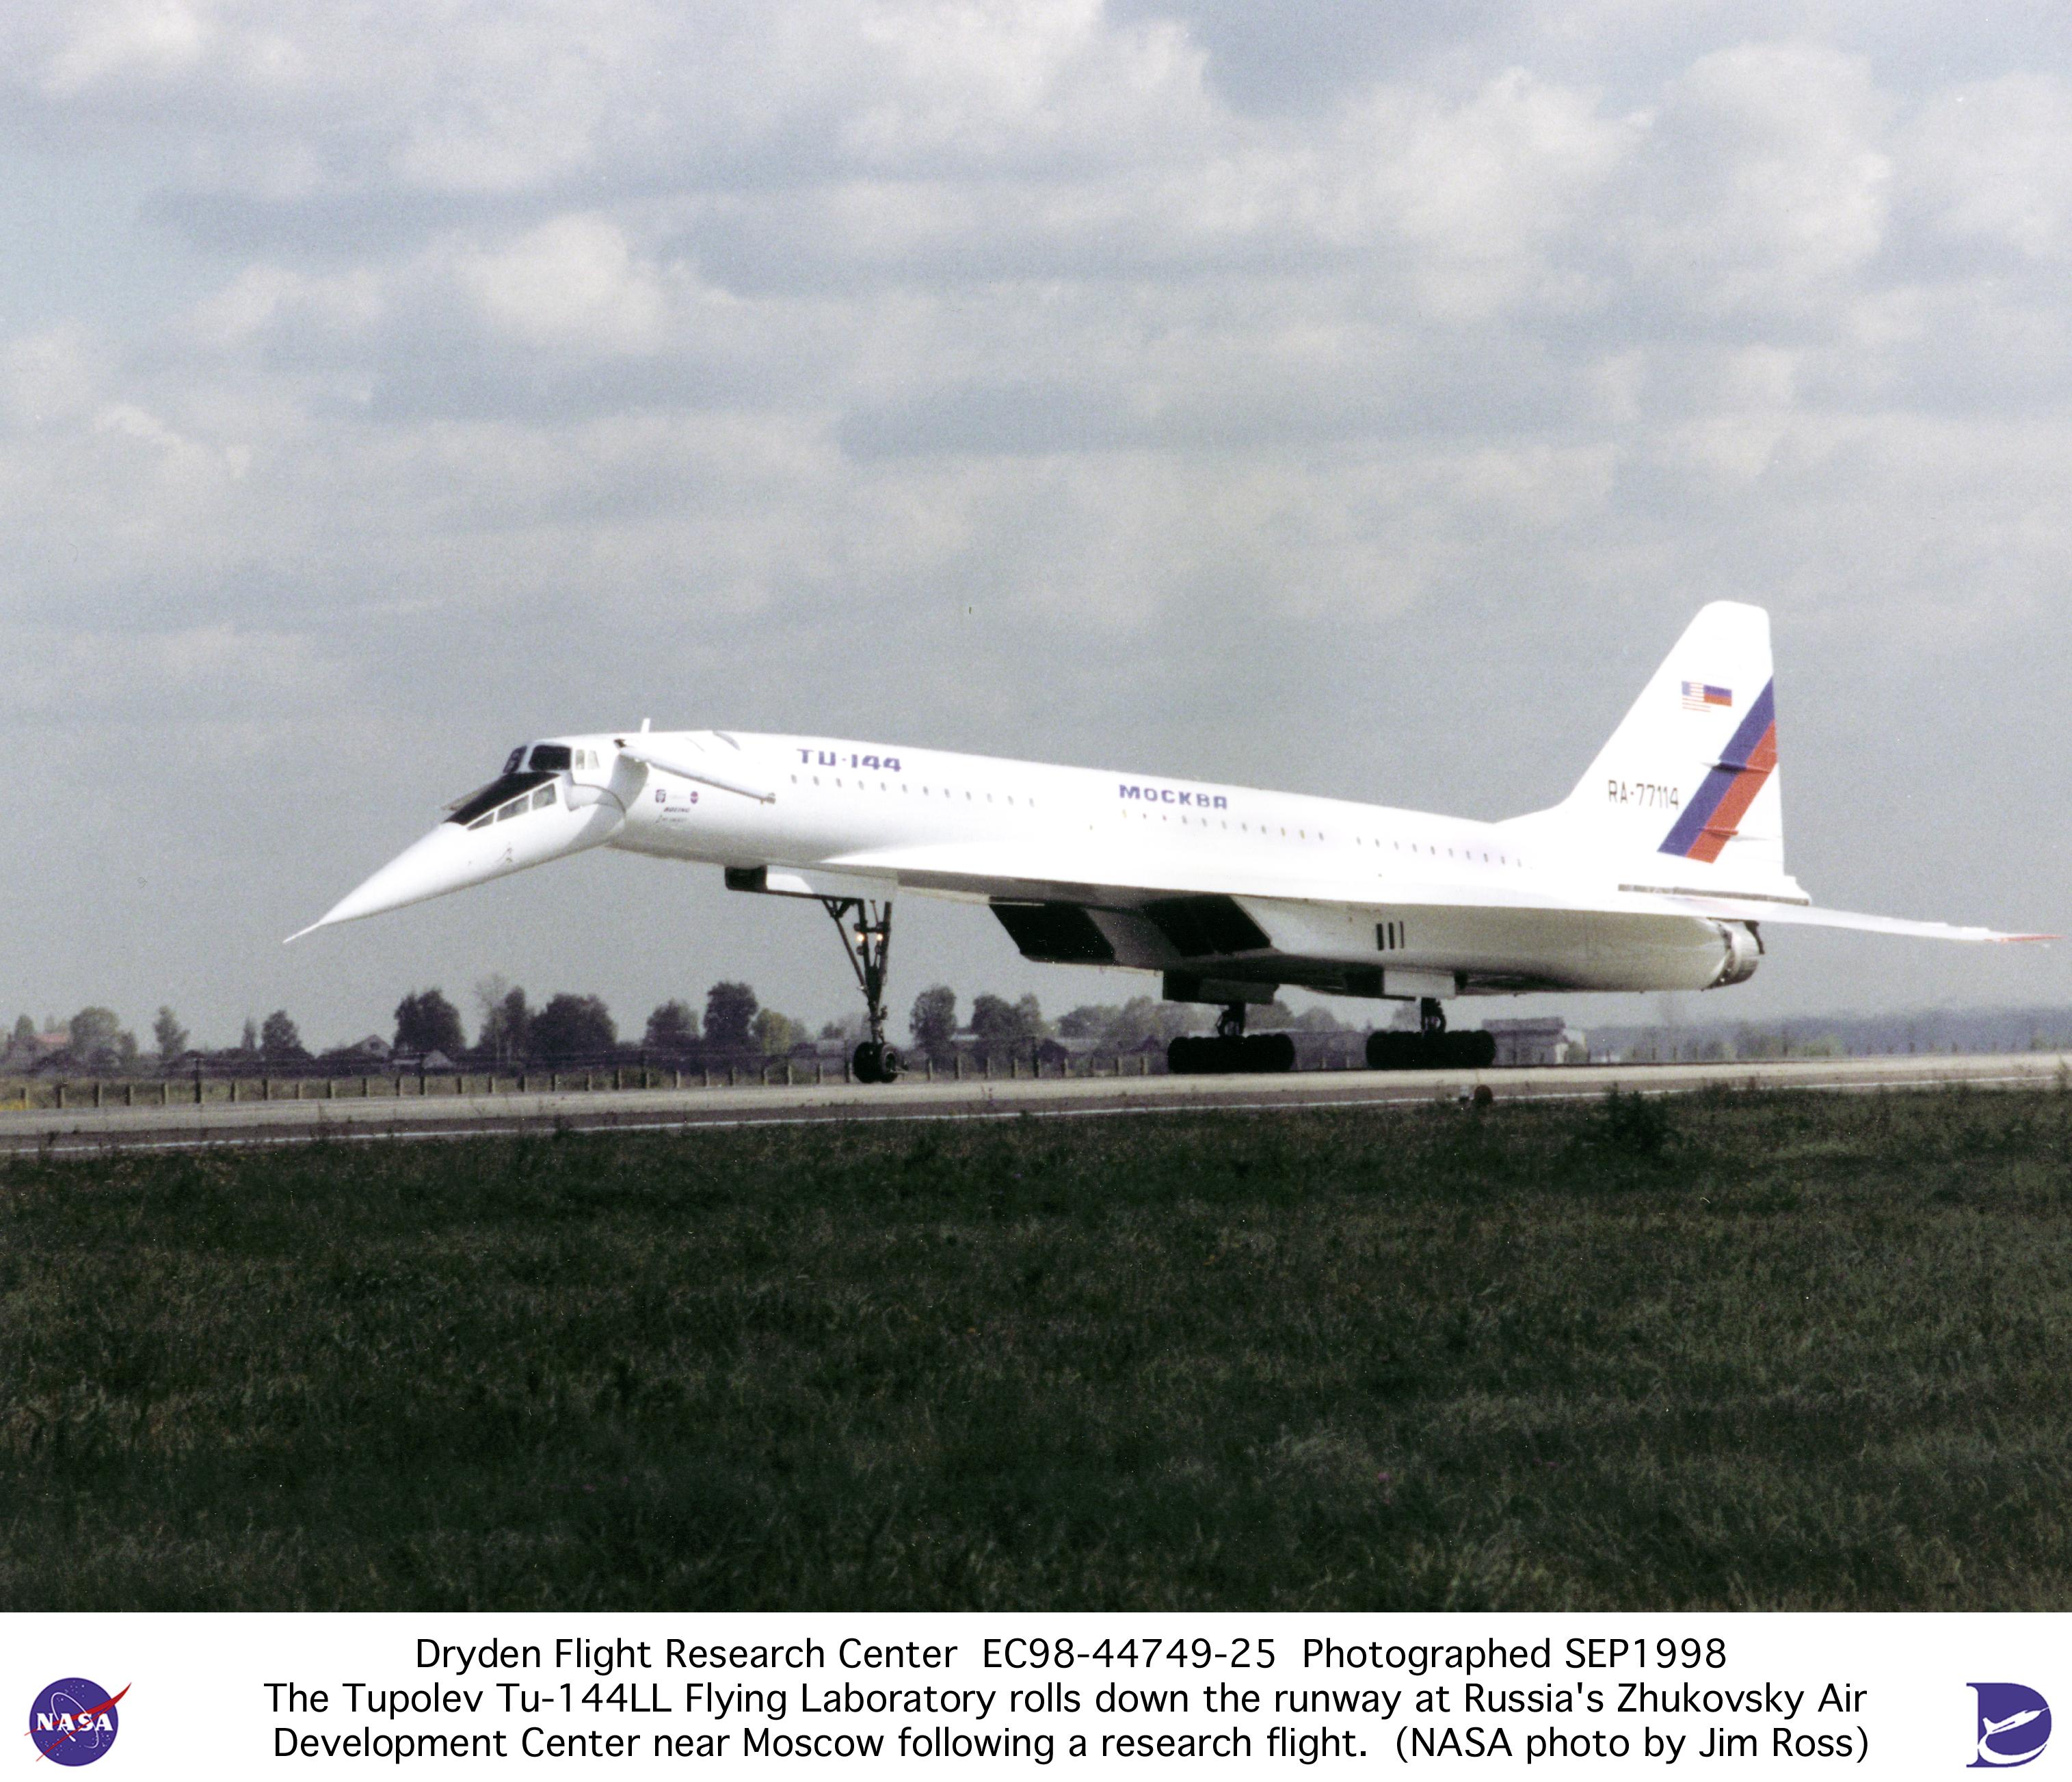 Tu: TU-144LL EC98-44749-25: Tu-144LL SST Flying Laboratory